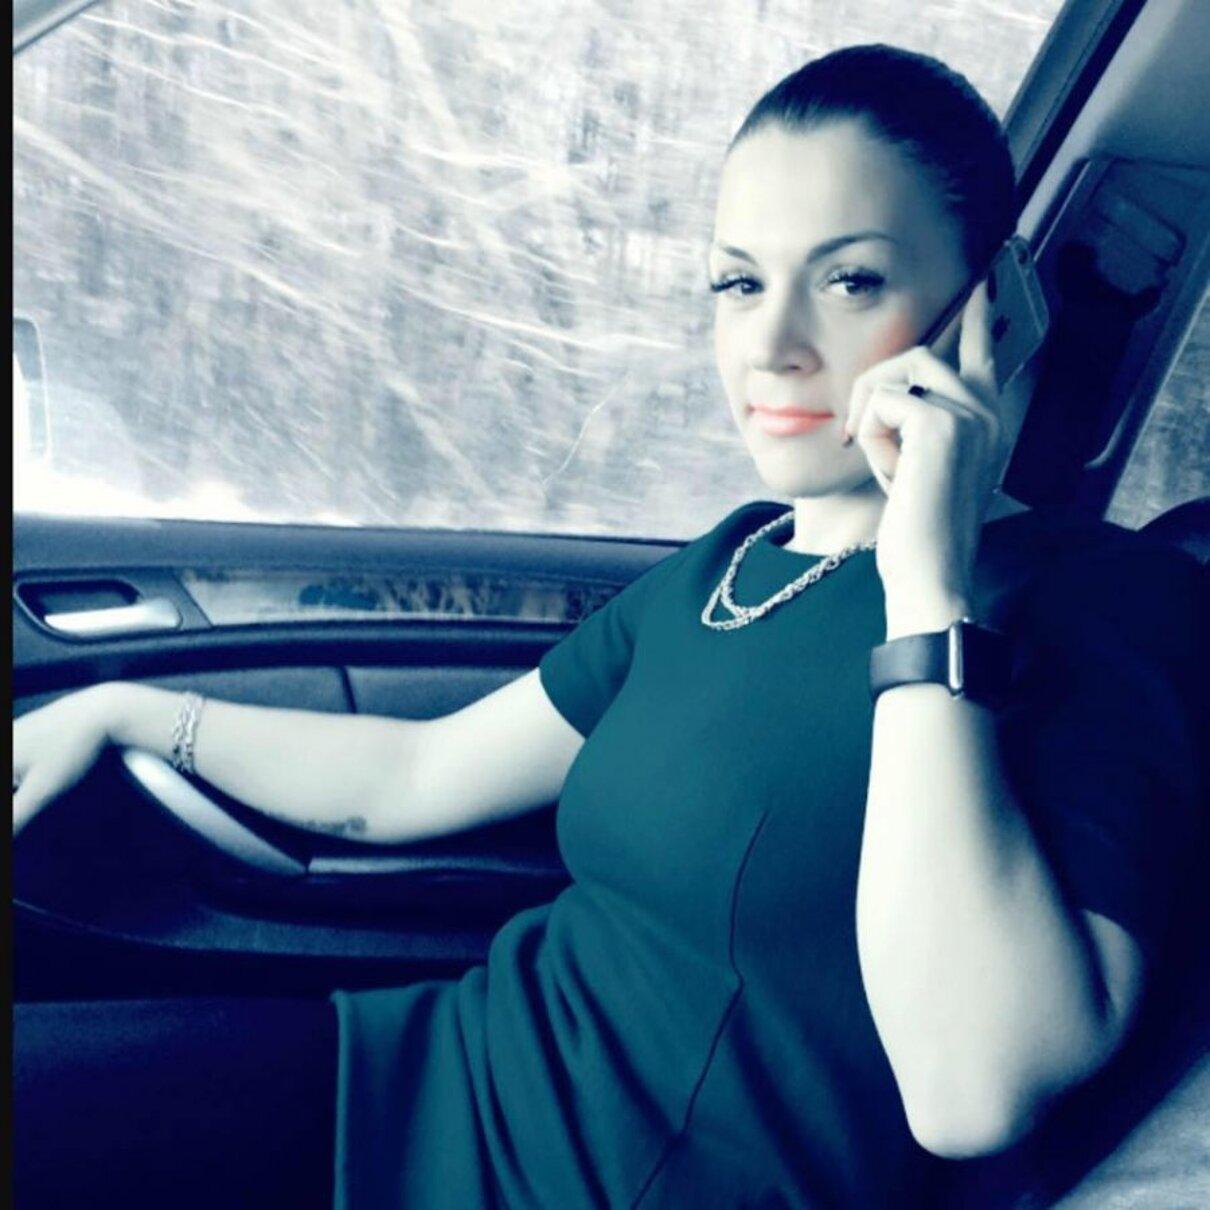 Жалоба-отзыв: Татьяна Ступницкая - Аферистка.мошенница.  Фото №3